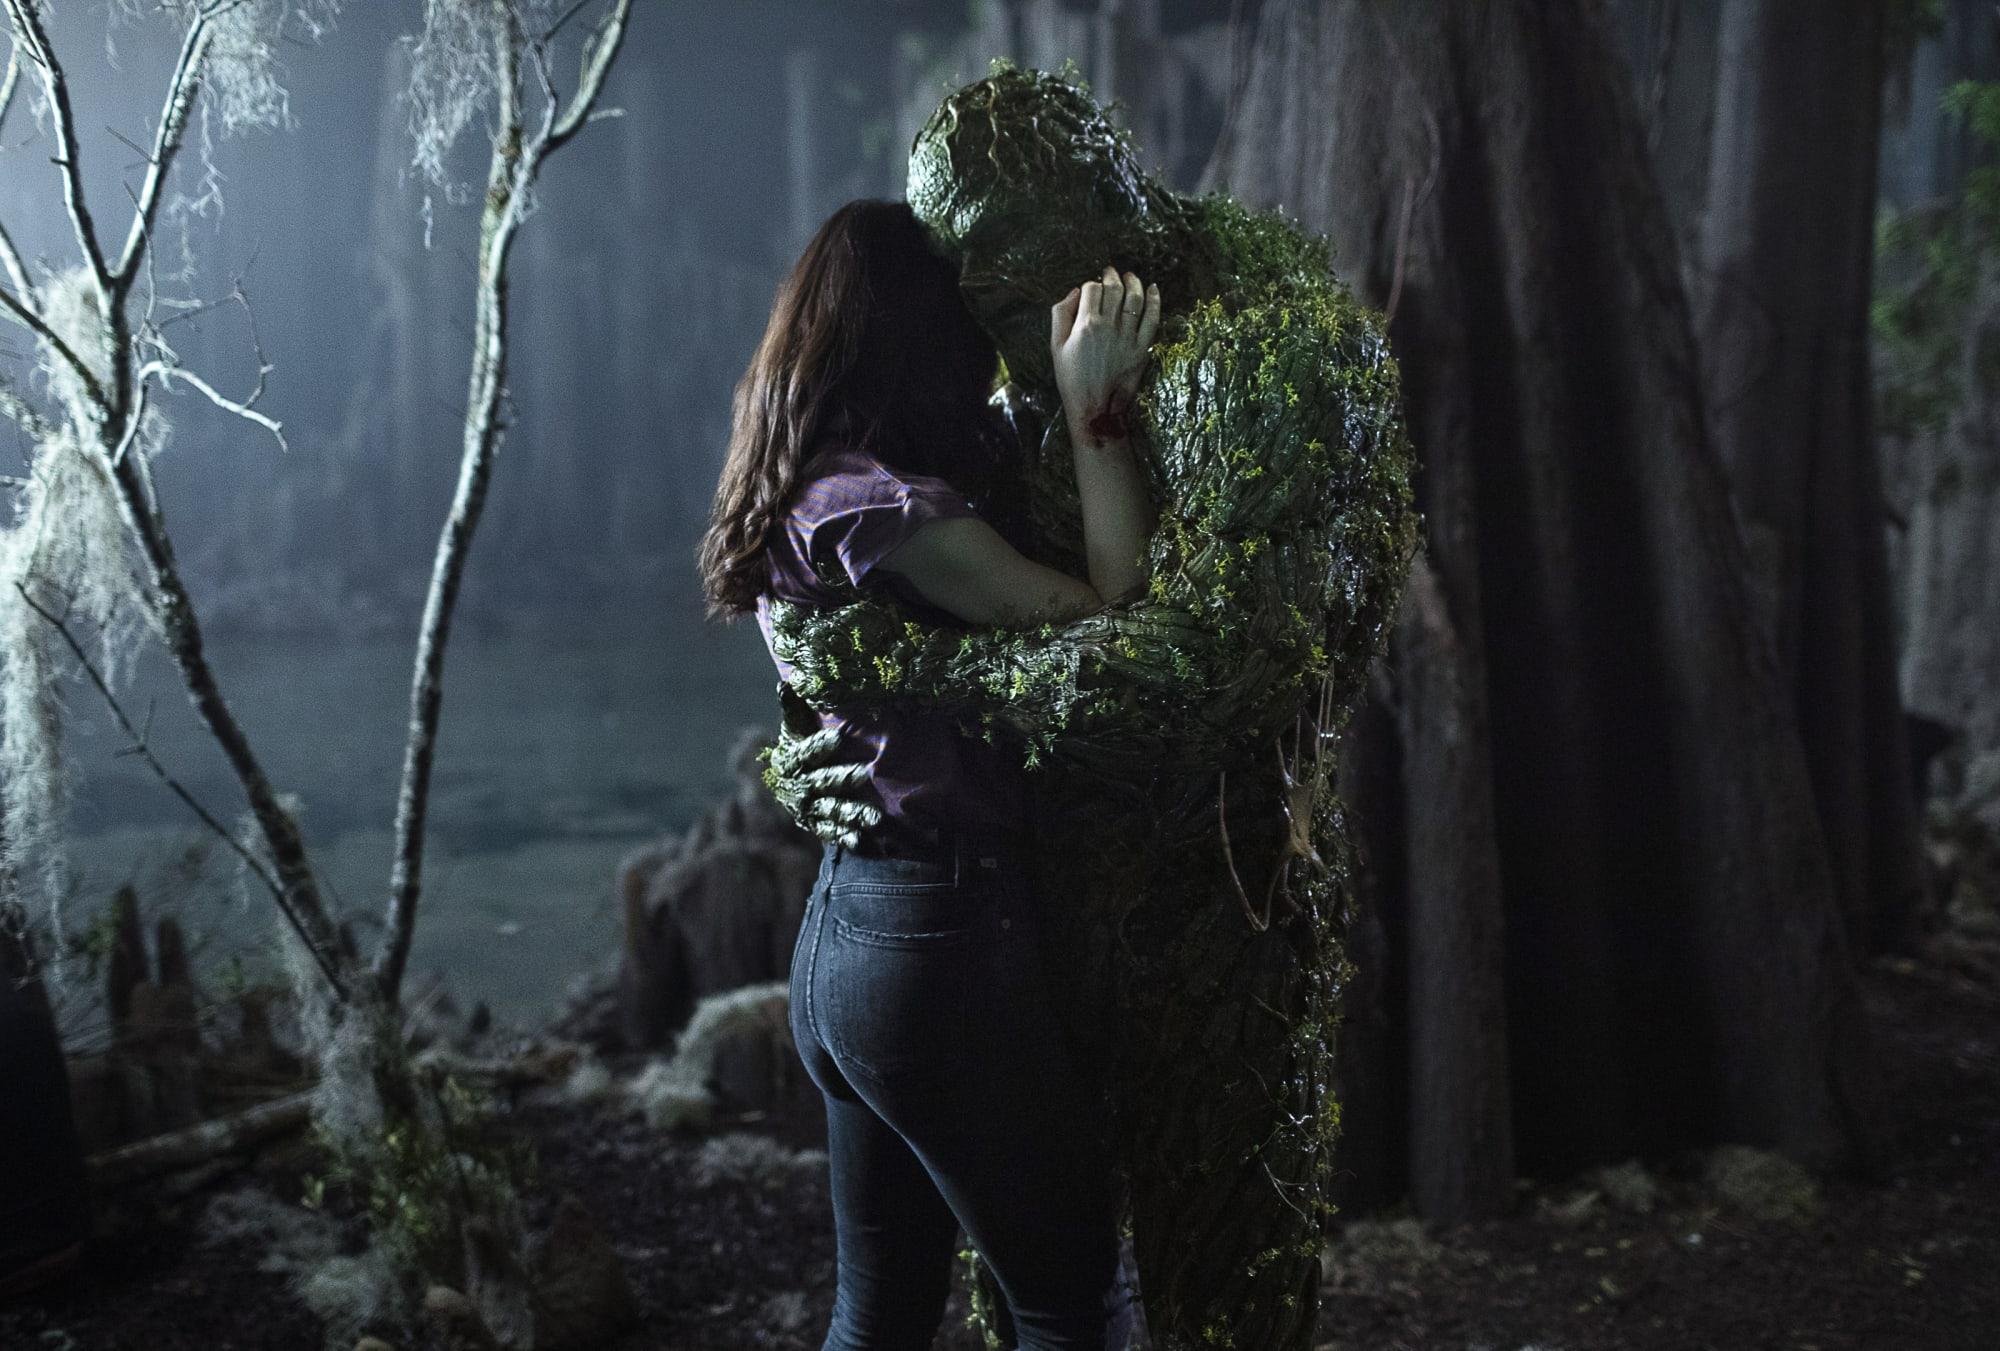 Watch Swamp Thing season 1, episode 4 trailer